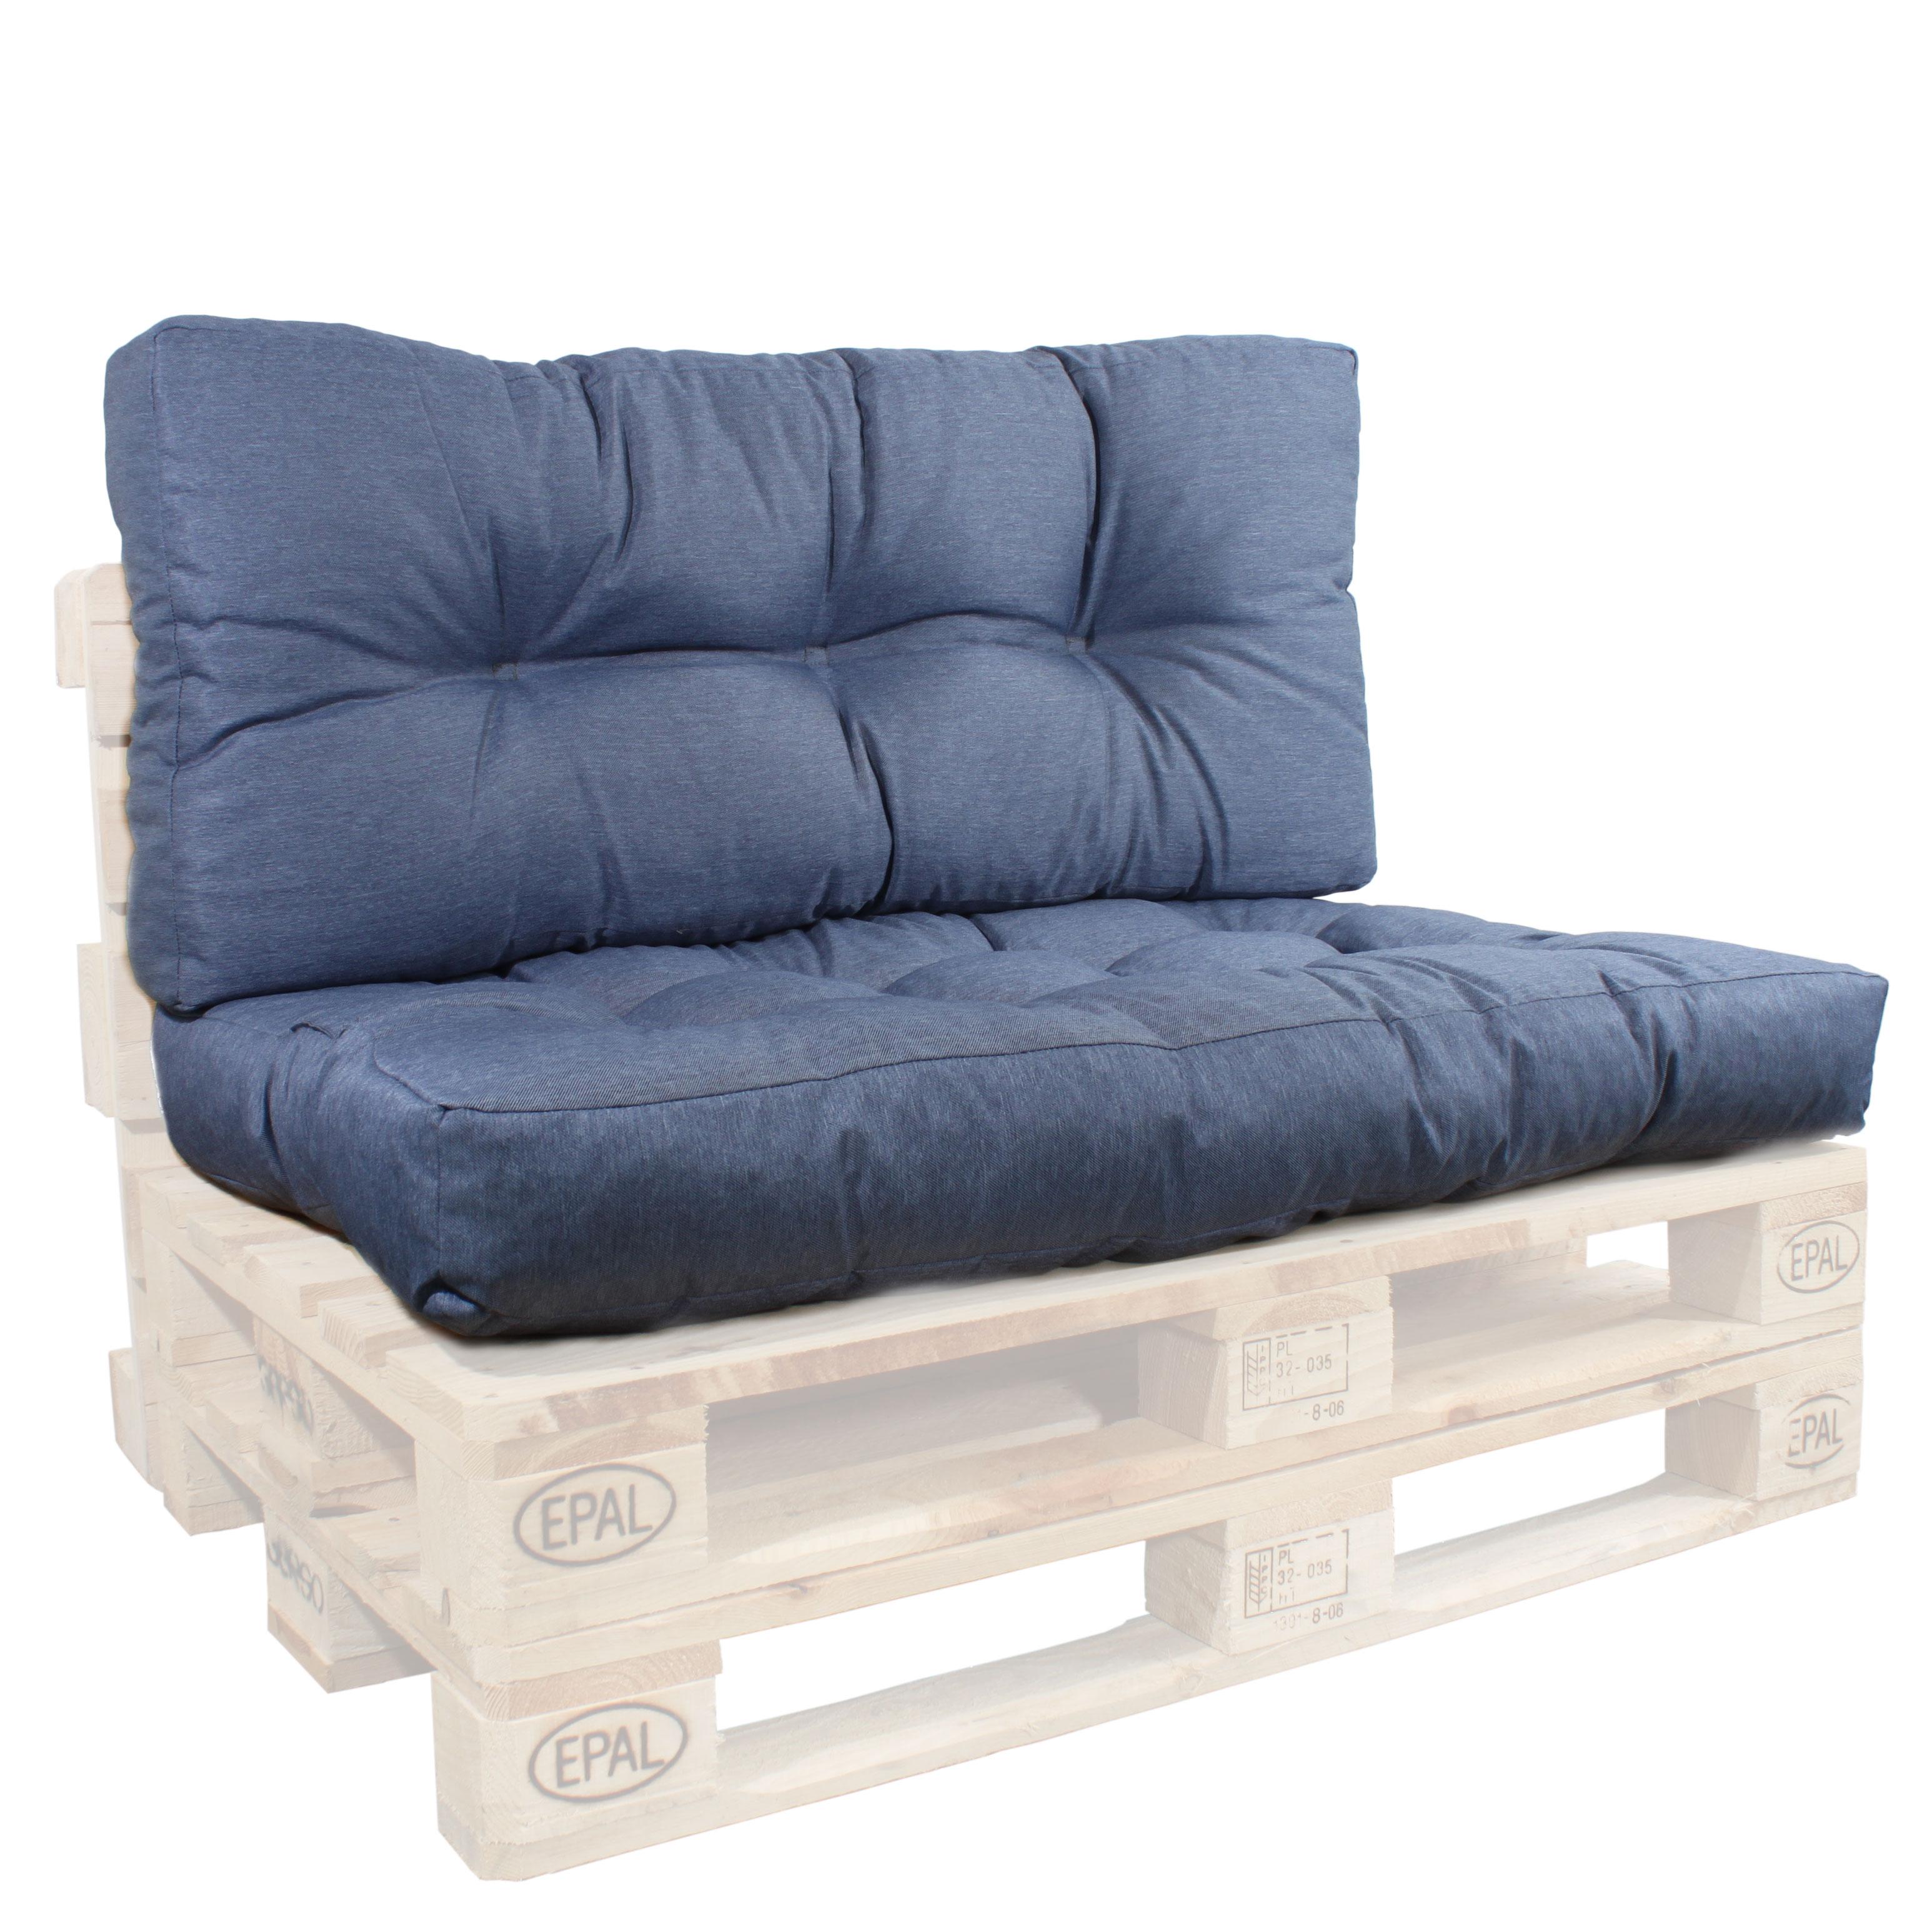 Rückenlehne und Sitzkissen in blau für Paletten